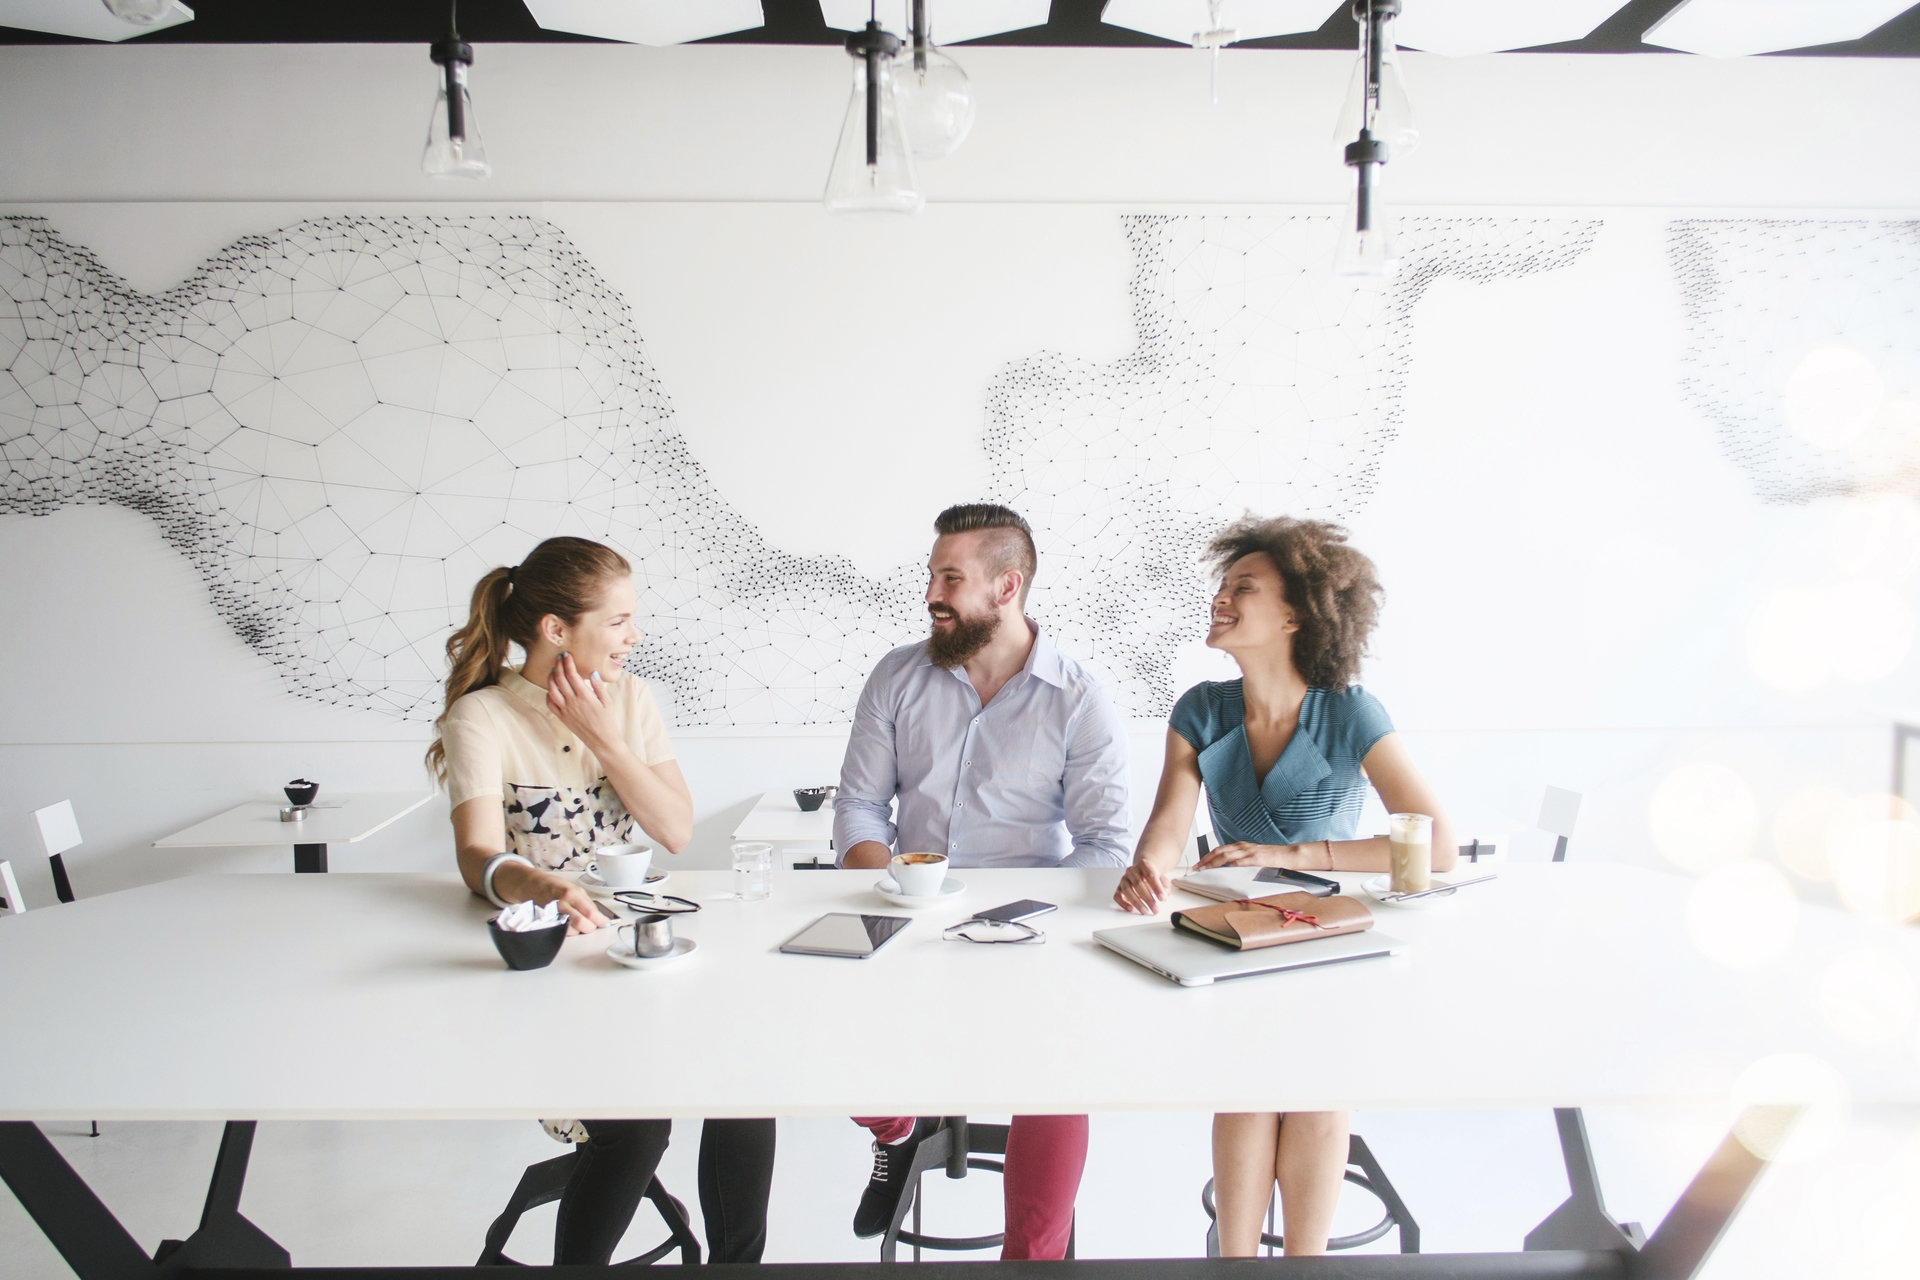 UPC Biznes startuje z nową ofertą dla firm z segmentu SoHo i odświeża markę